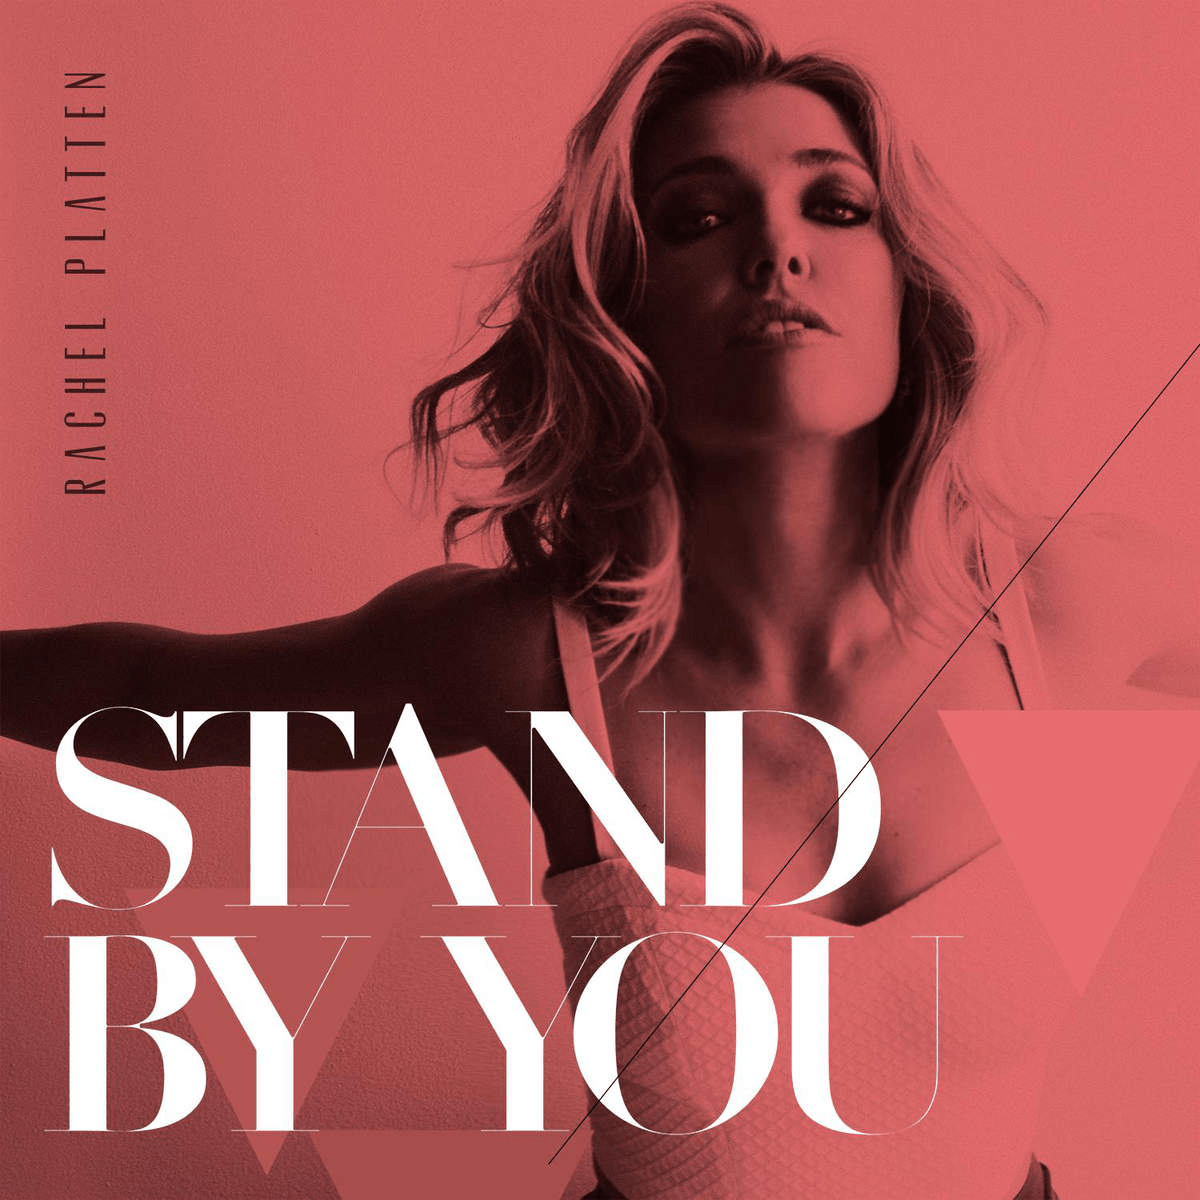 แปลเพลง Stand By You ของ Rachel Platten ความหมายเพลง